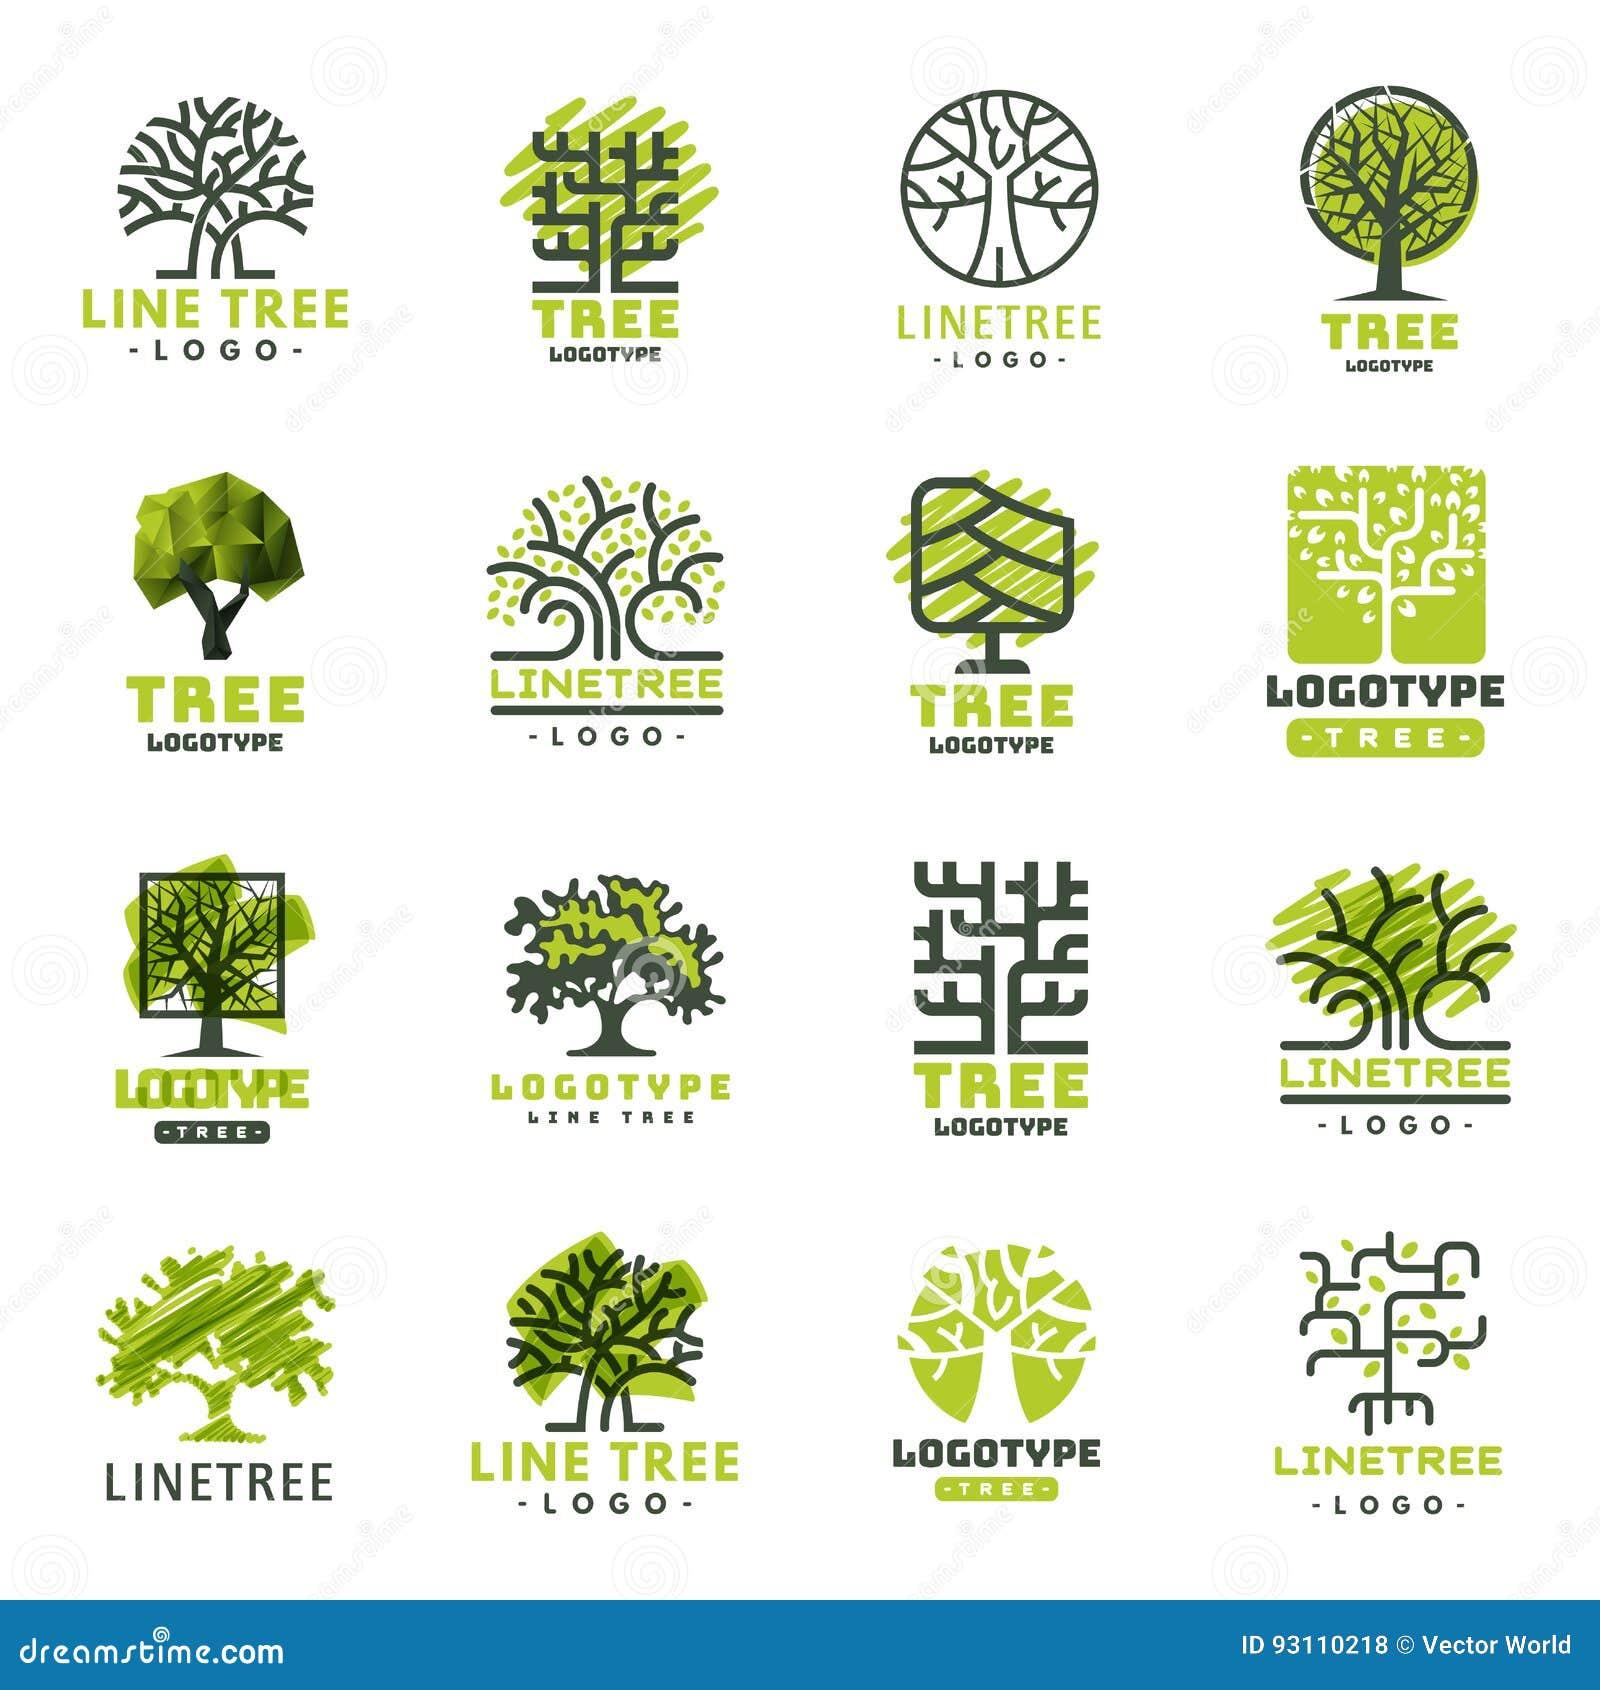 La insignia natural conífera del viaje del árbol del verde de la silueta de la insignia al aire libre del bosque remata la línea